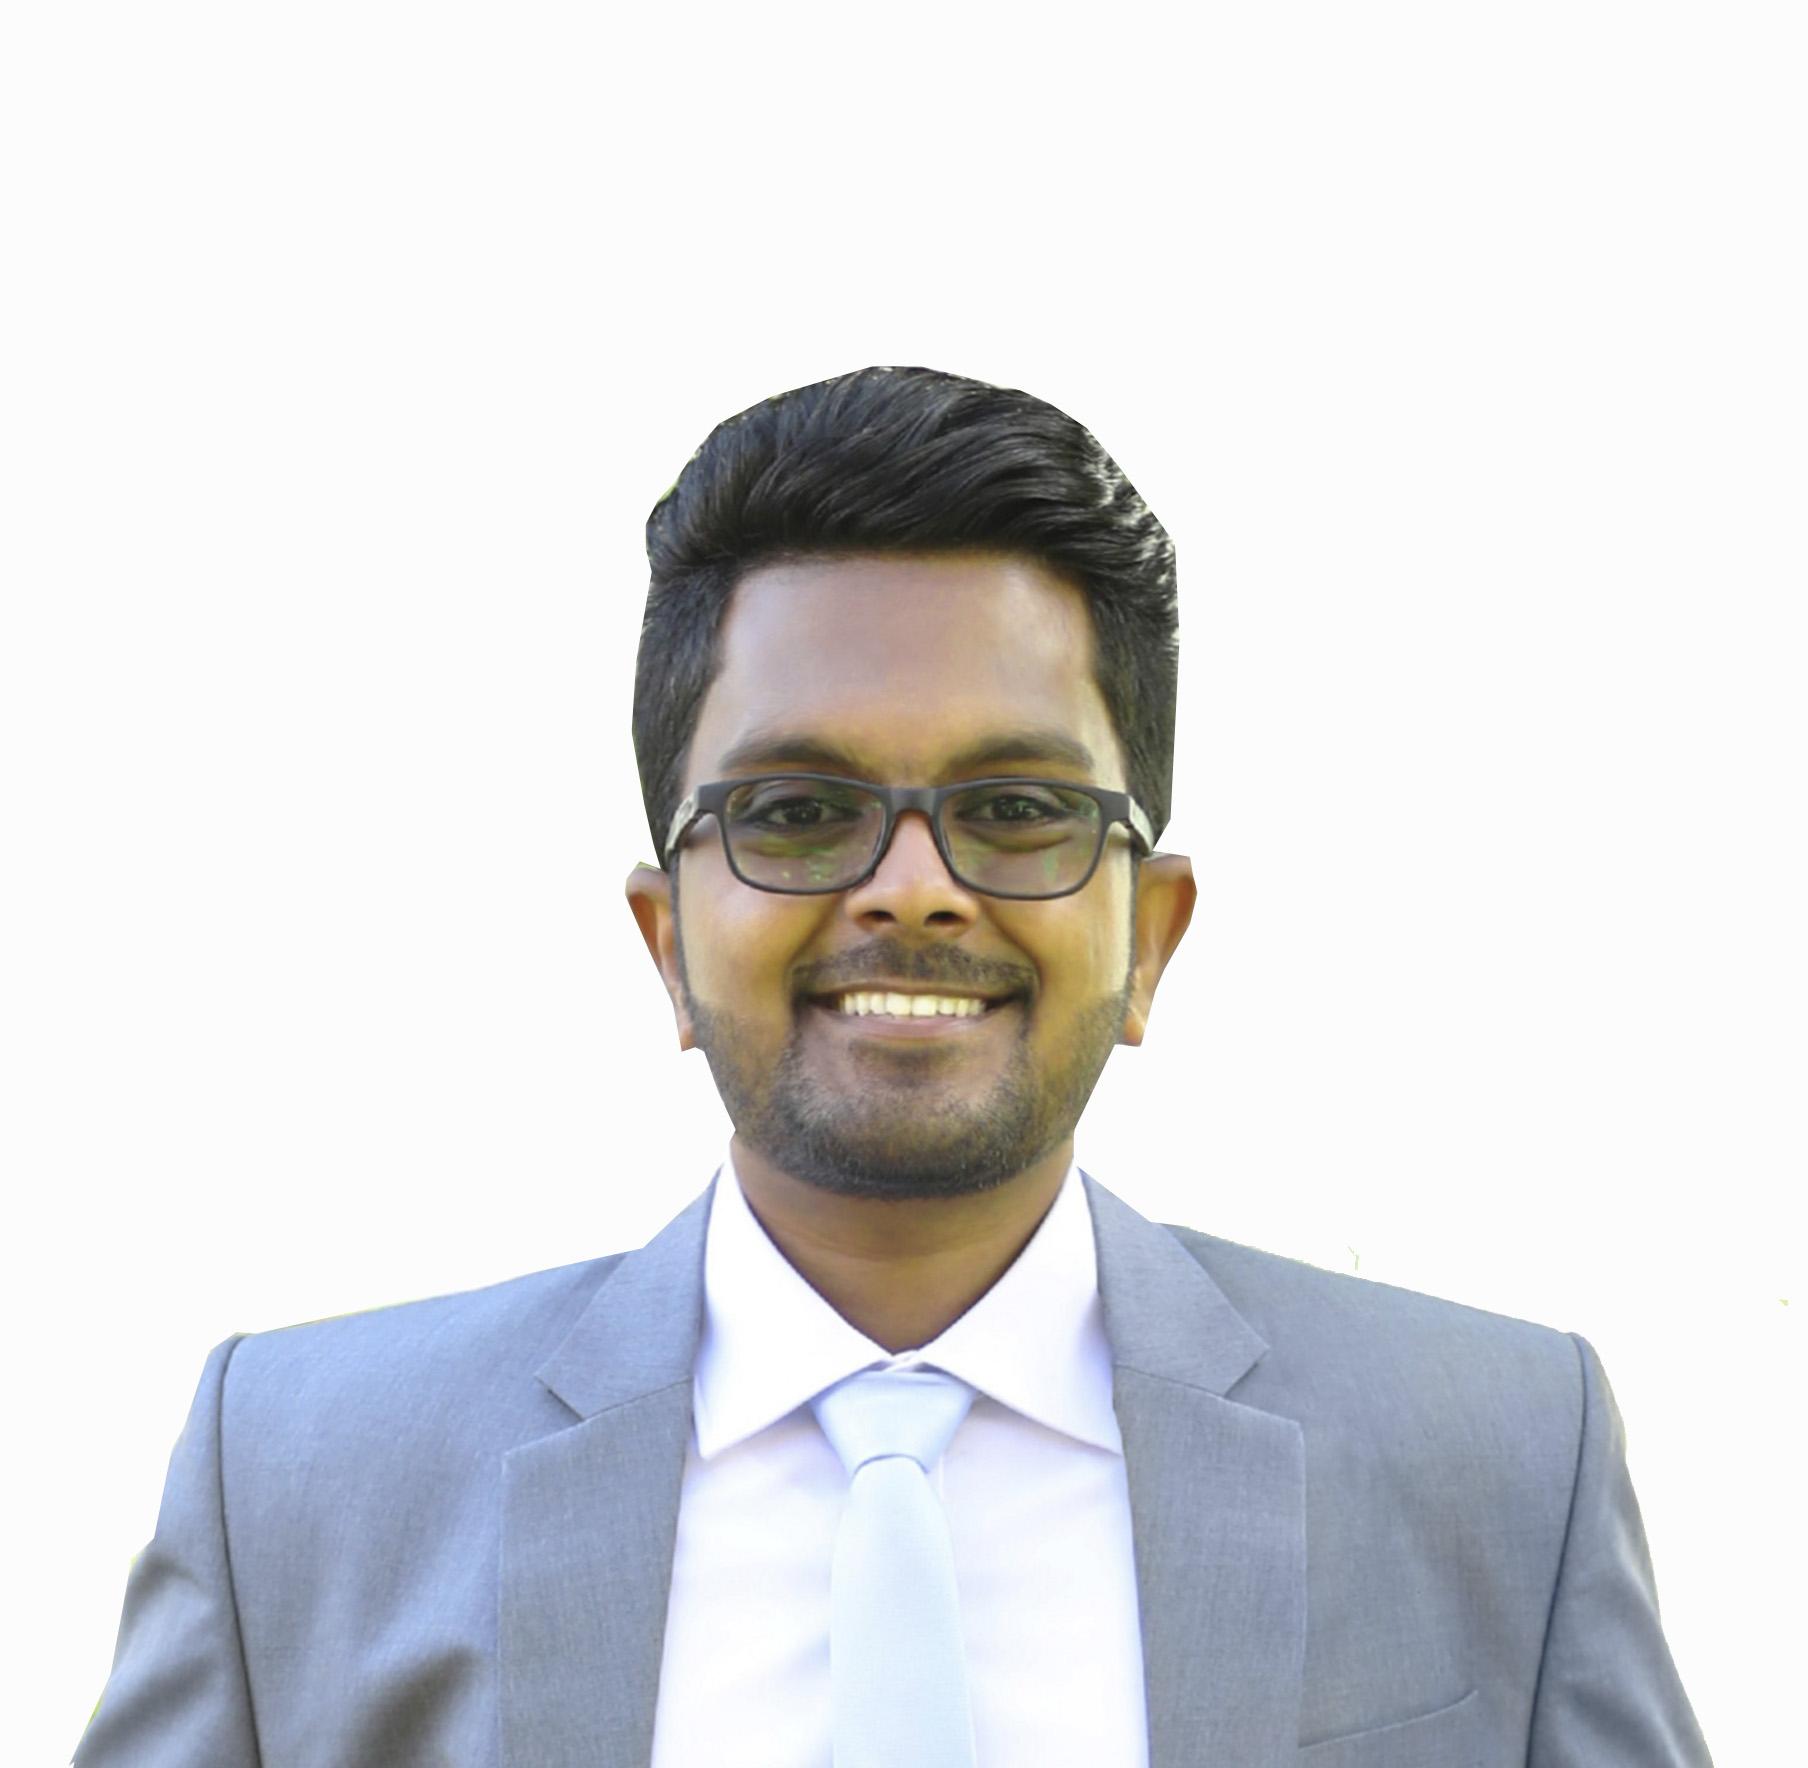 Manul Thenuka Karunasiri